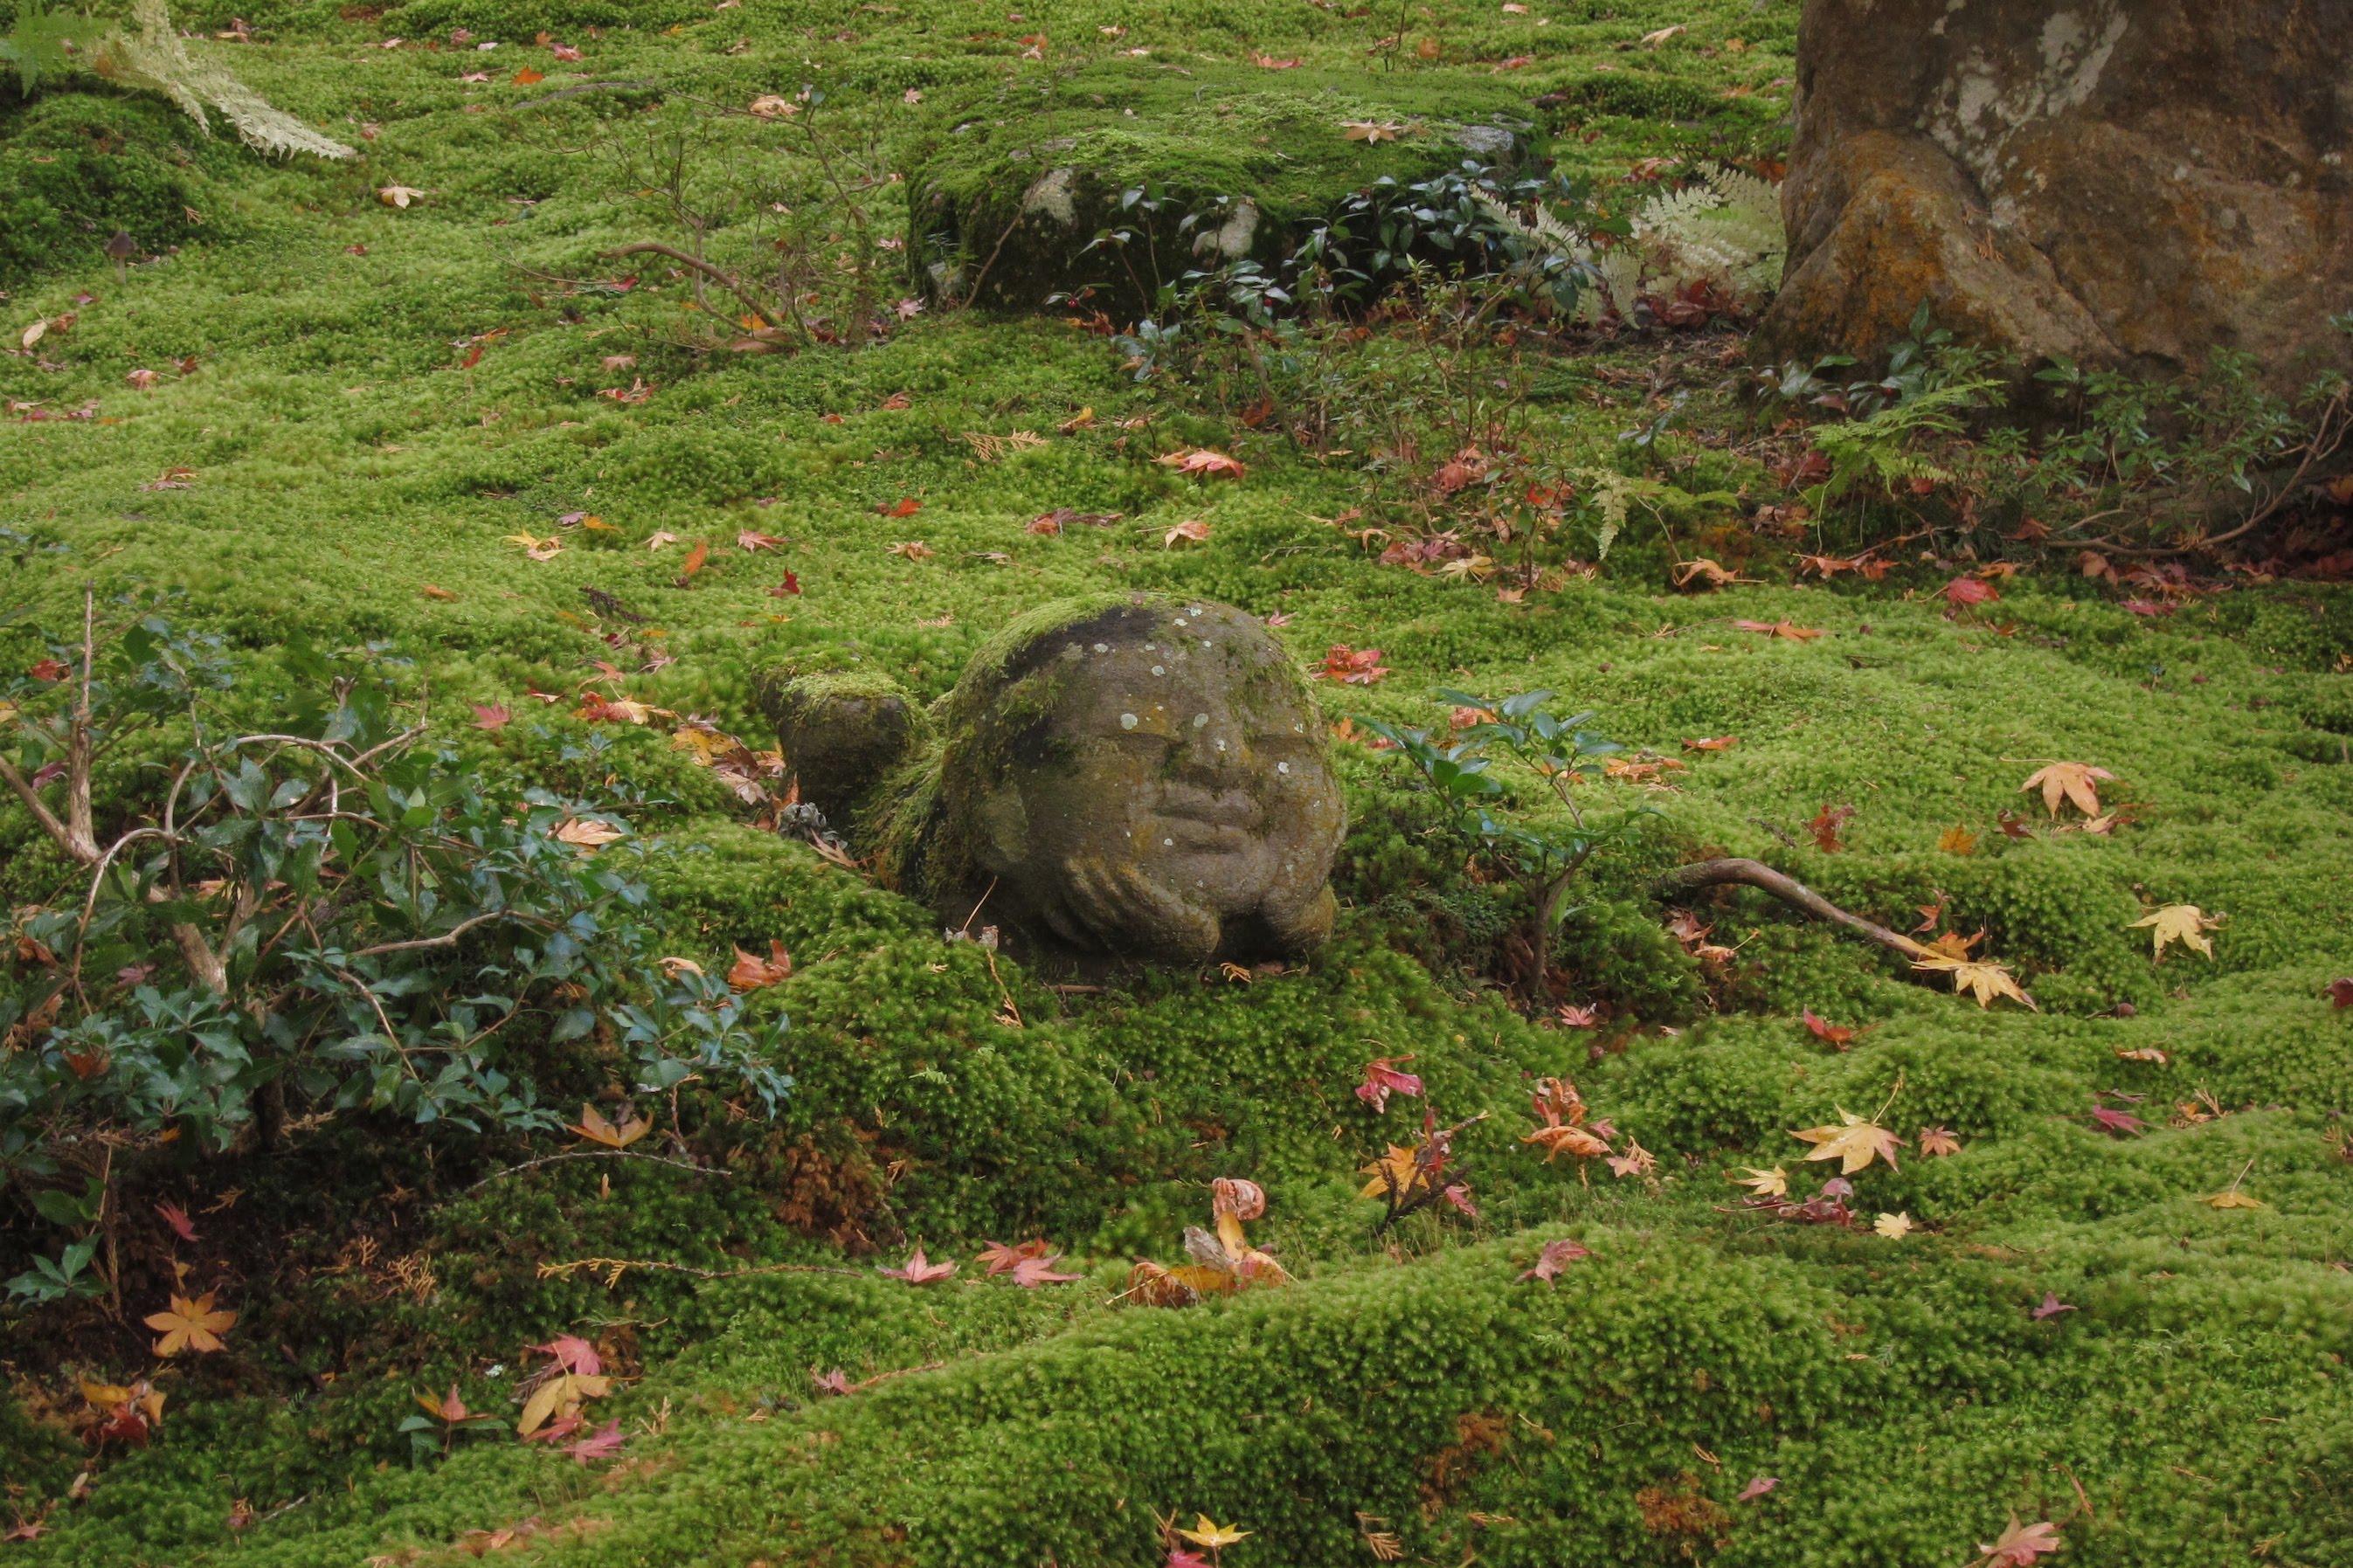 被飄落的楓葉包圍著的,是面容安祥滿足的小小地藏